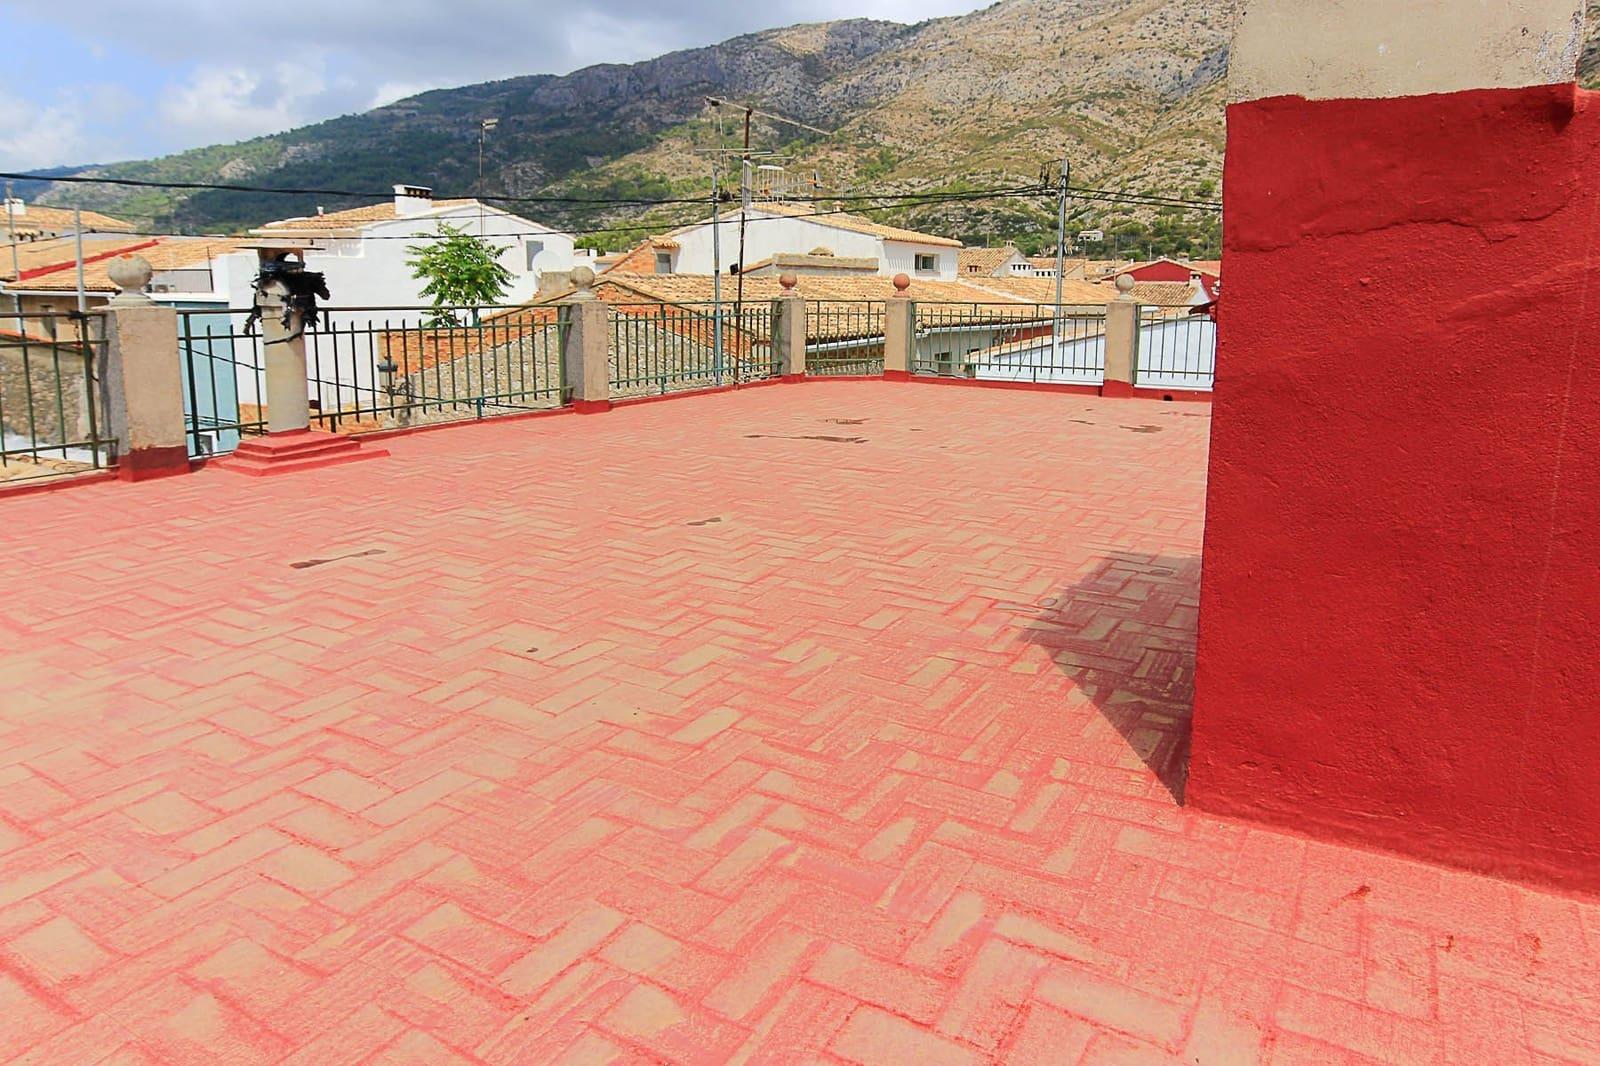 5 sypialnia Dom na sprzedaż w Benigembla / Benichembla - 100 000 € (Ref: 4889863)